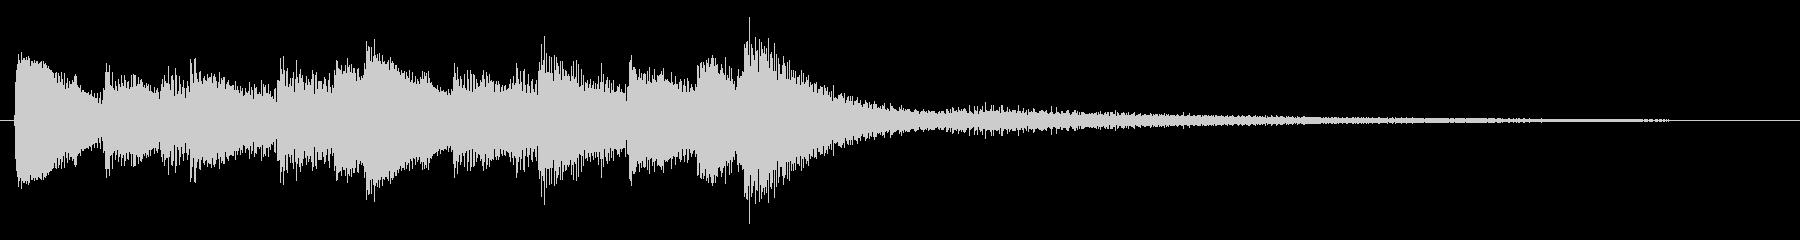 自然な雰囲気のピアノジングルの未再生の波形